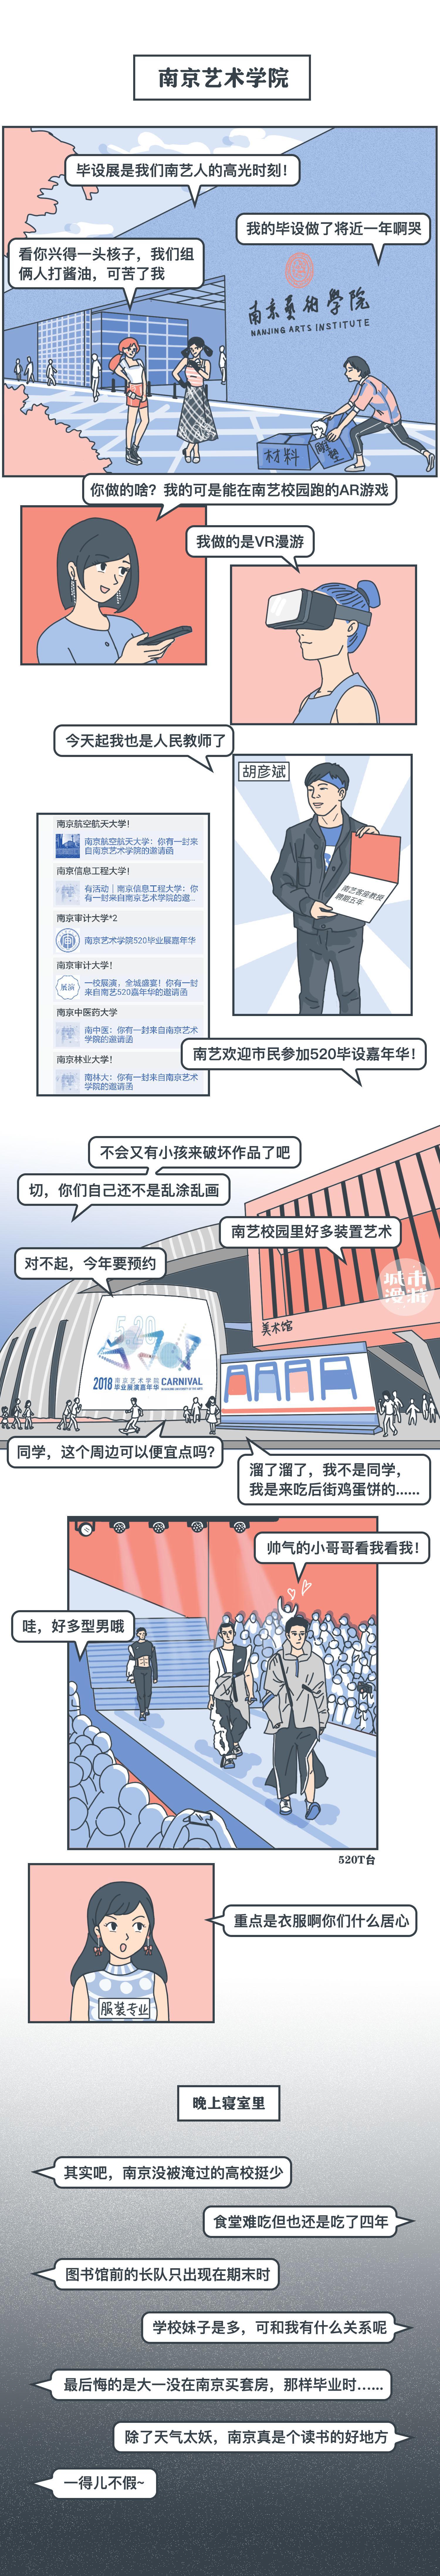 南京高校歧视指南,谁才是南京高校鄙视链底端